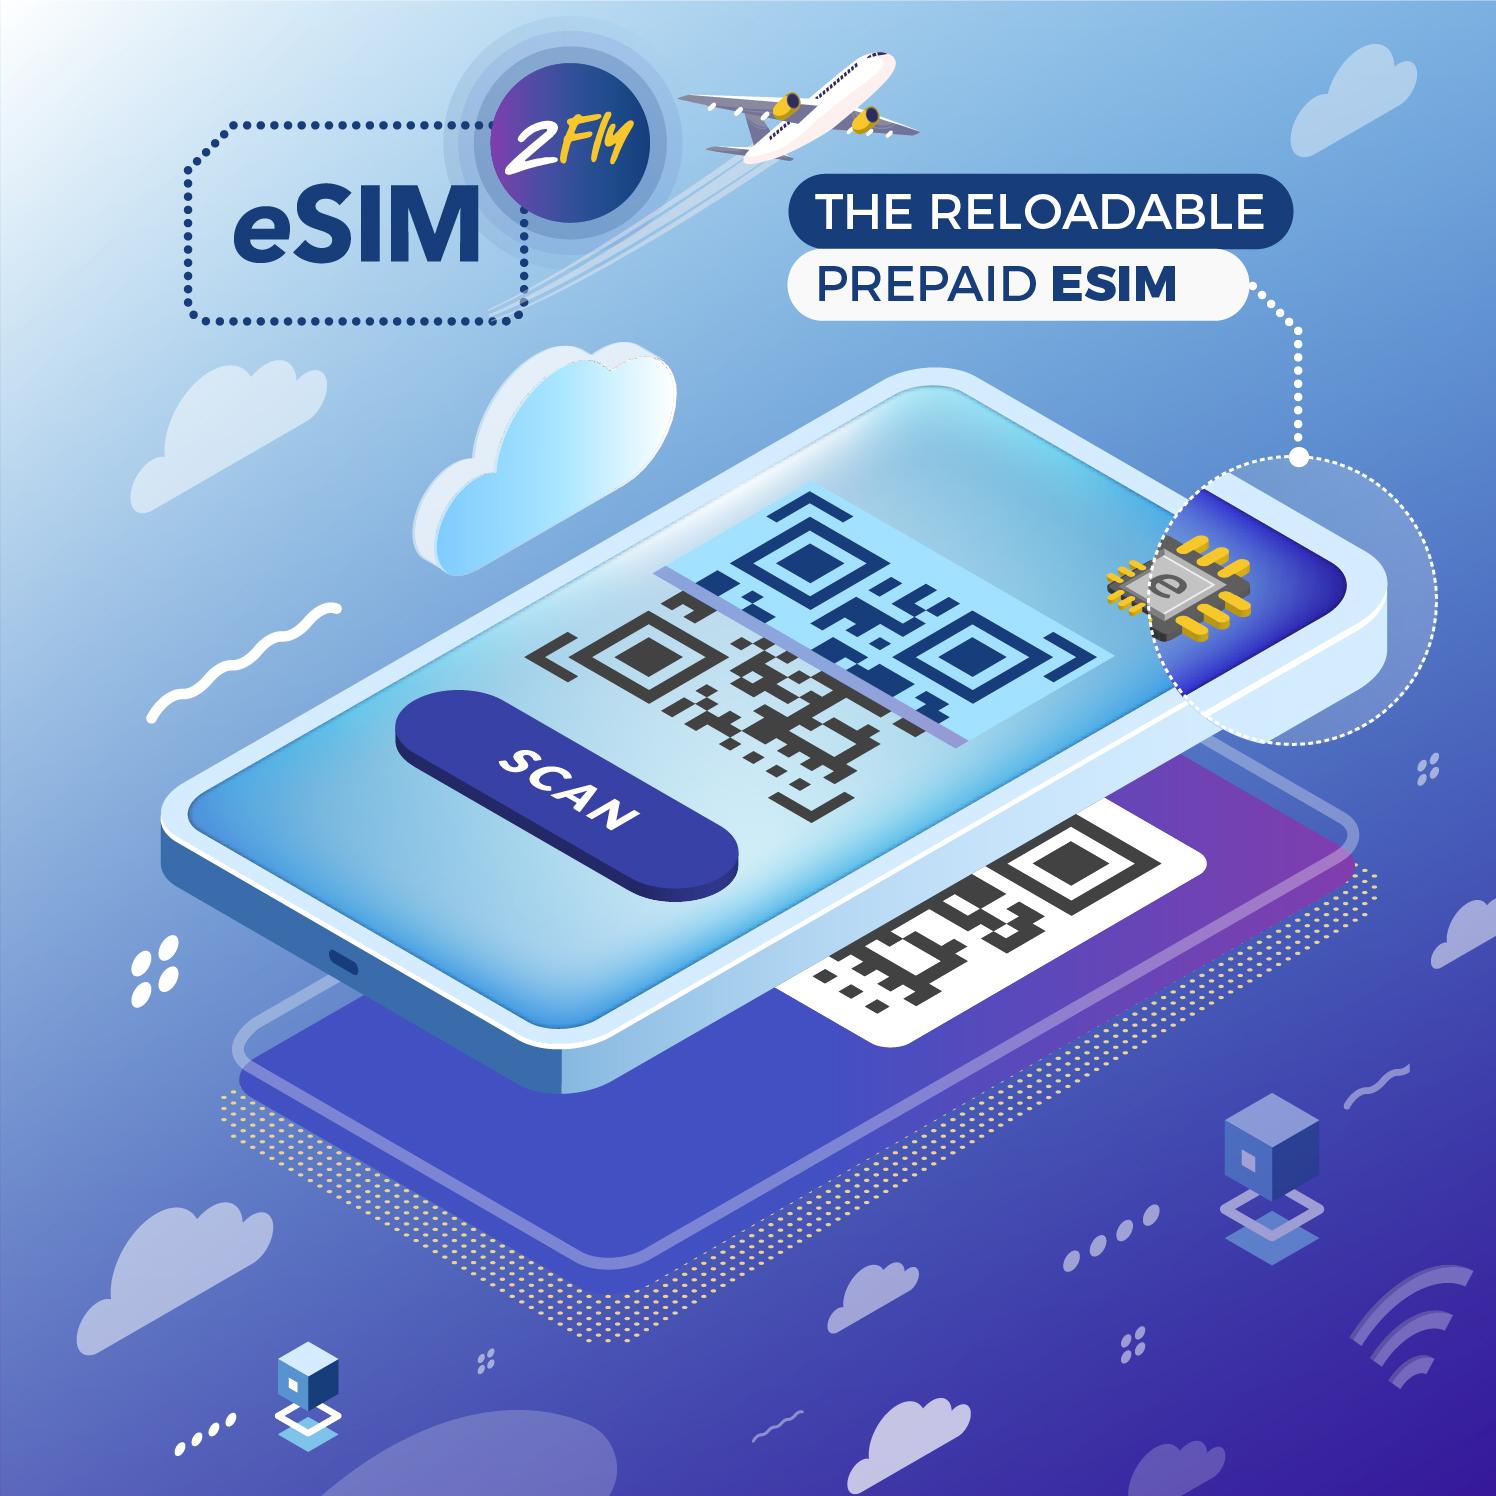 eSIM Product